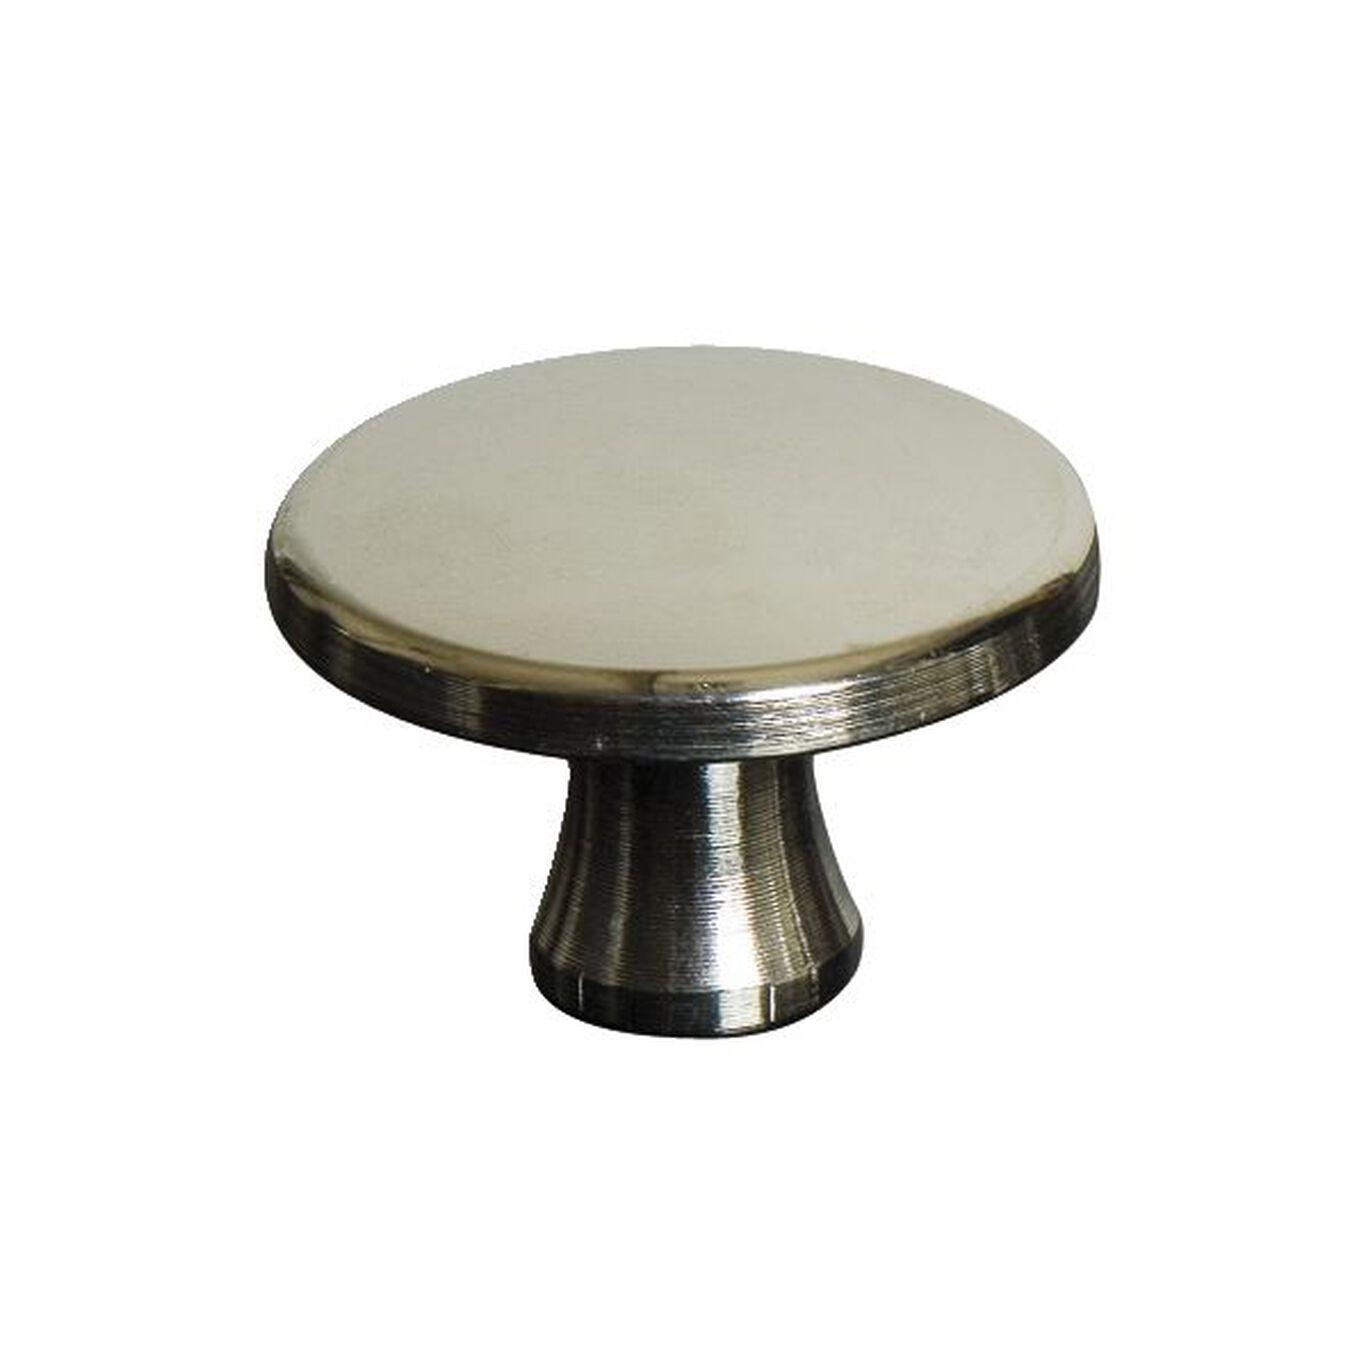 Brass round Poignée pour casserole et poêle,,large 1